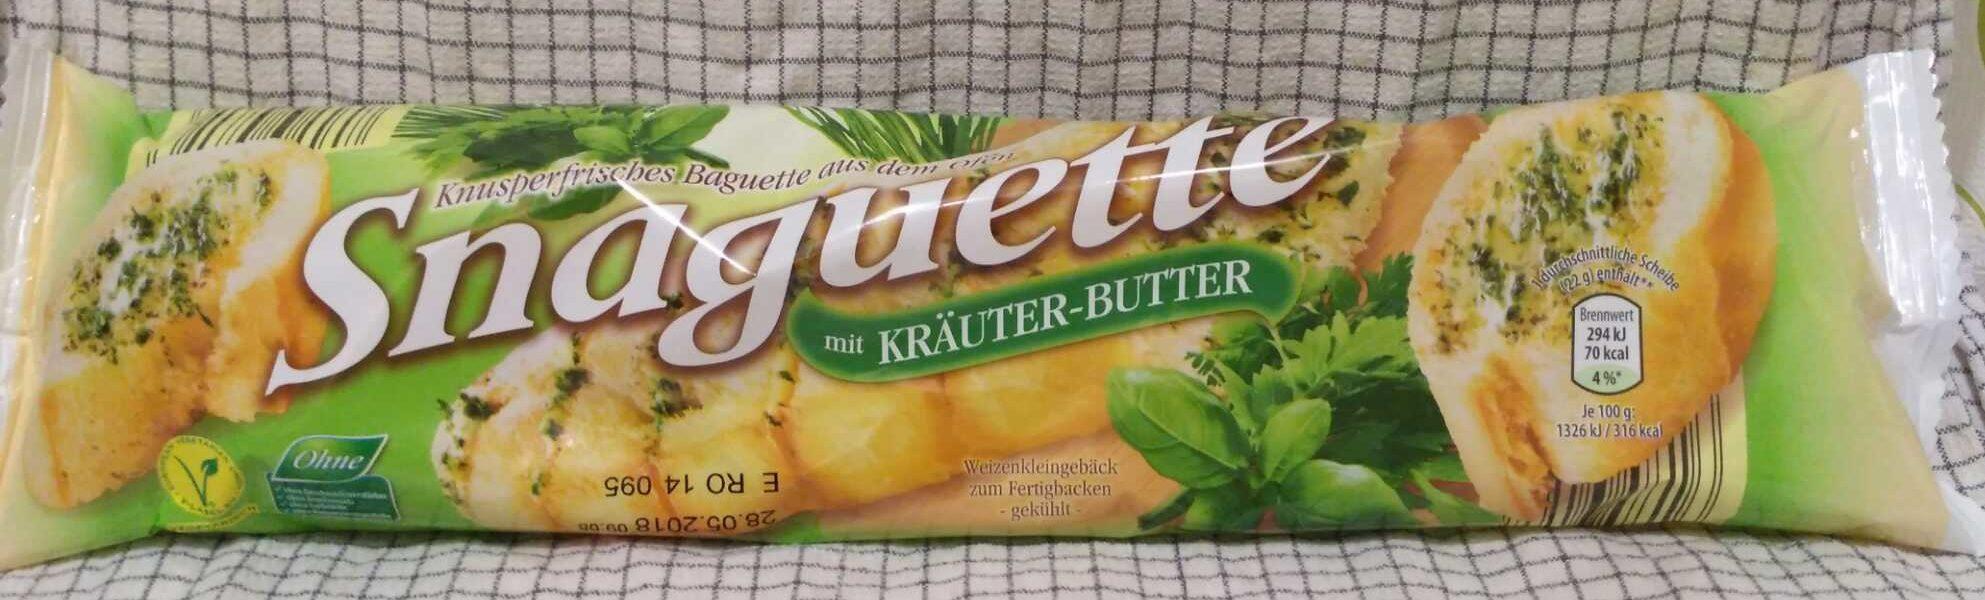 Snaguette - Product